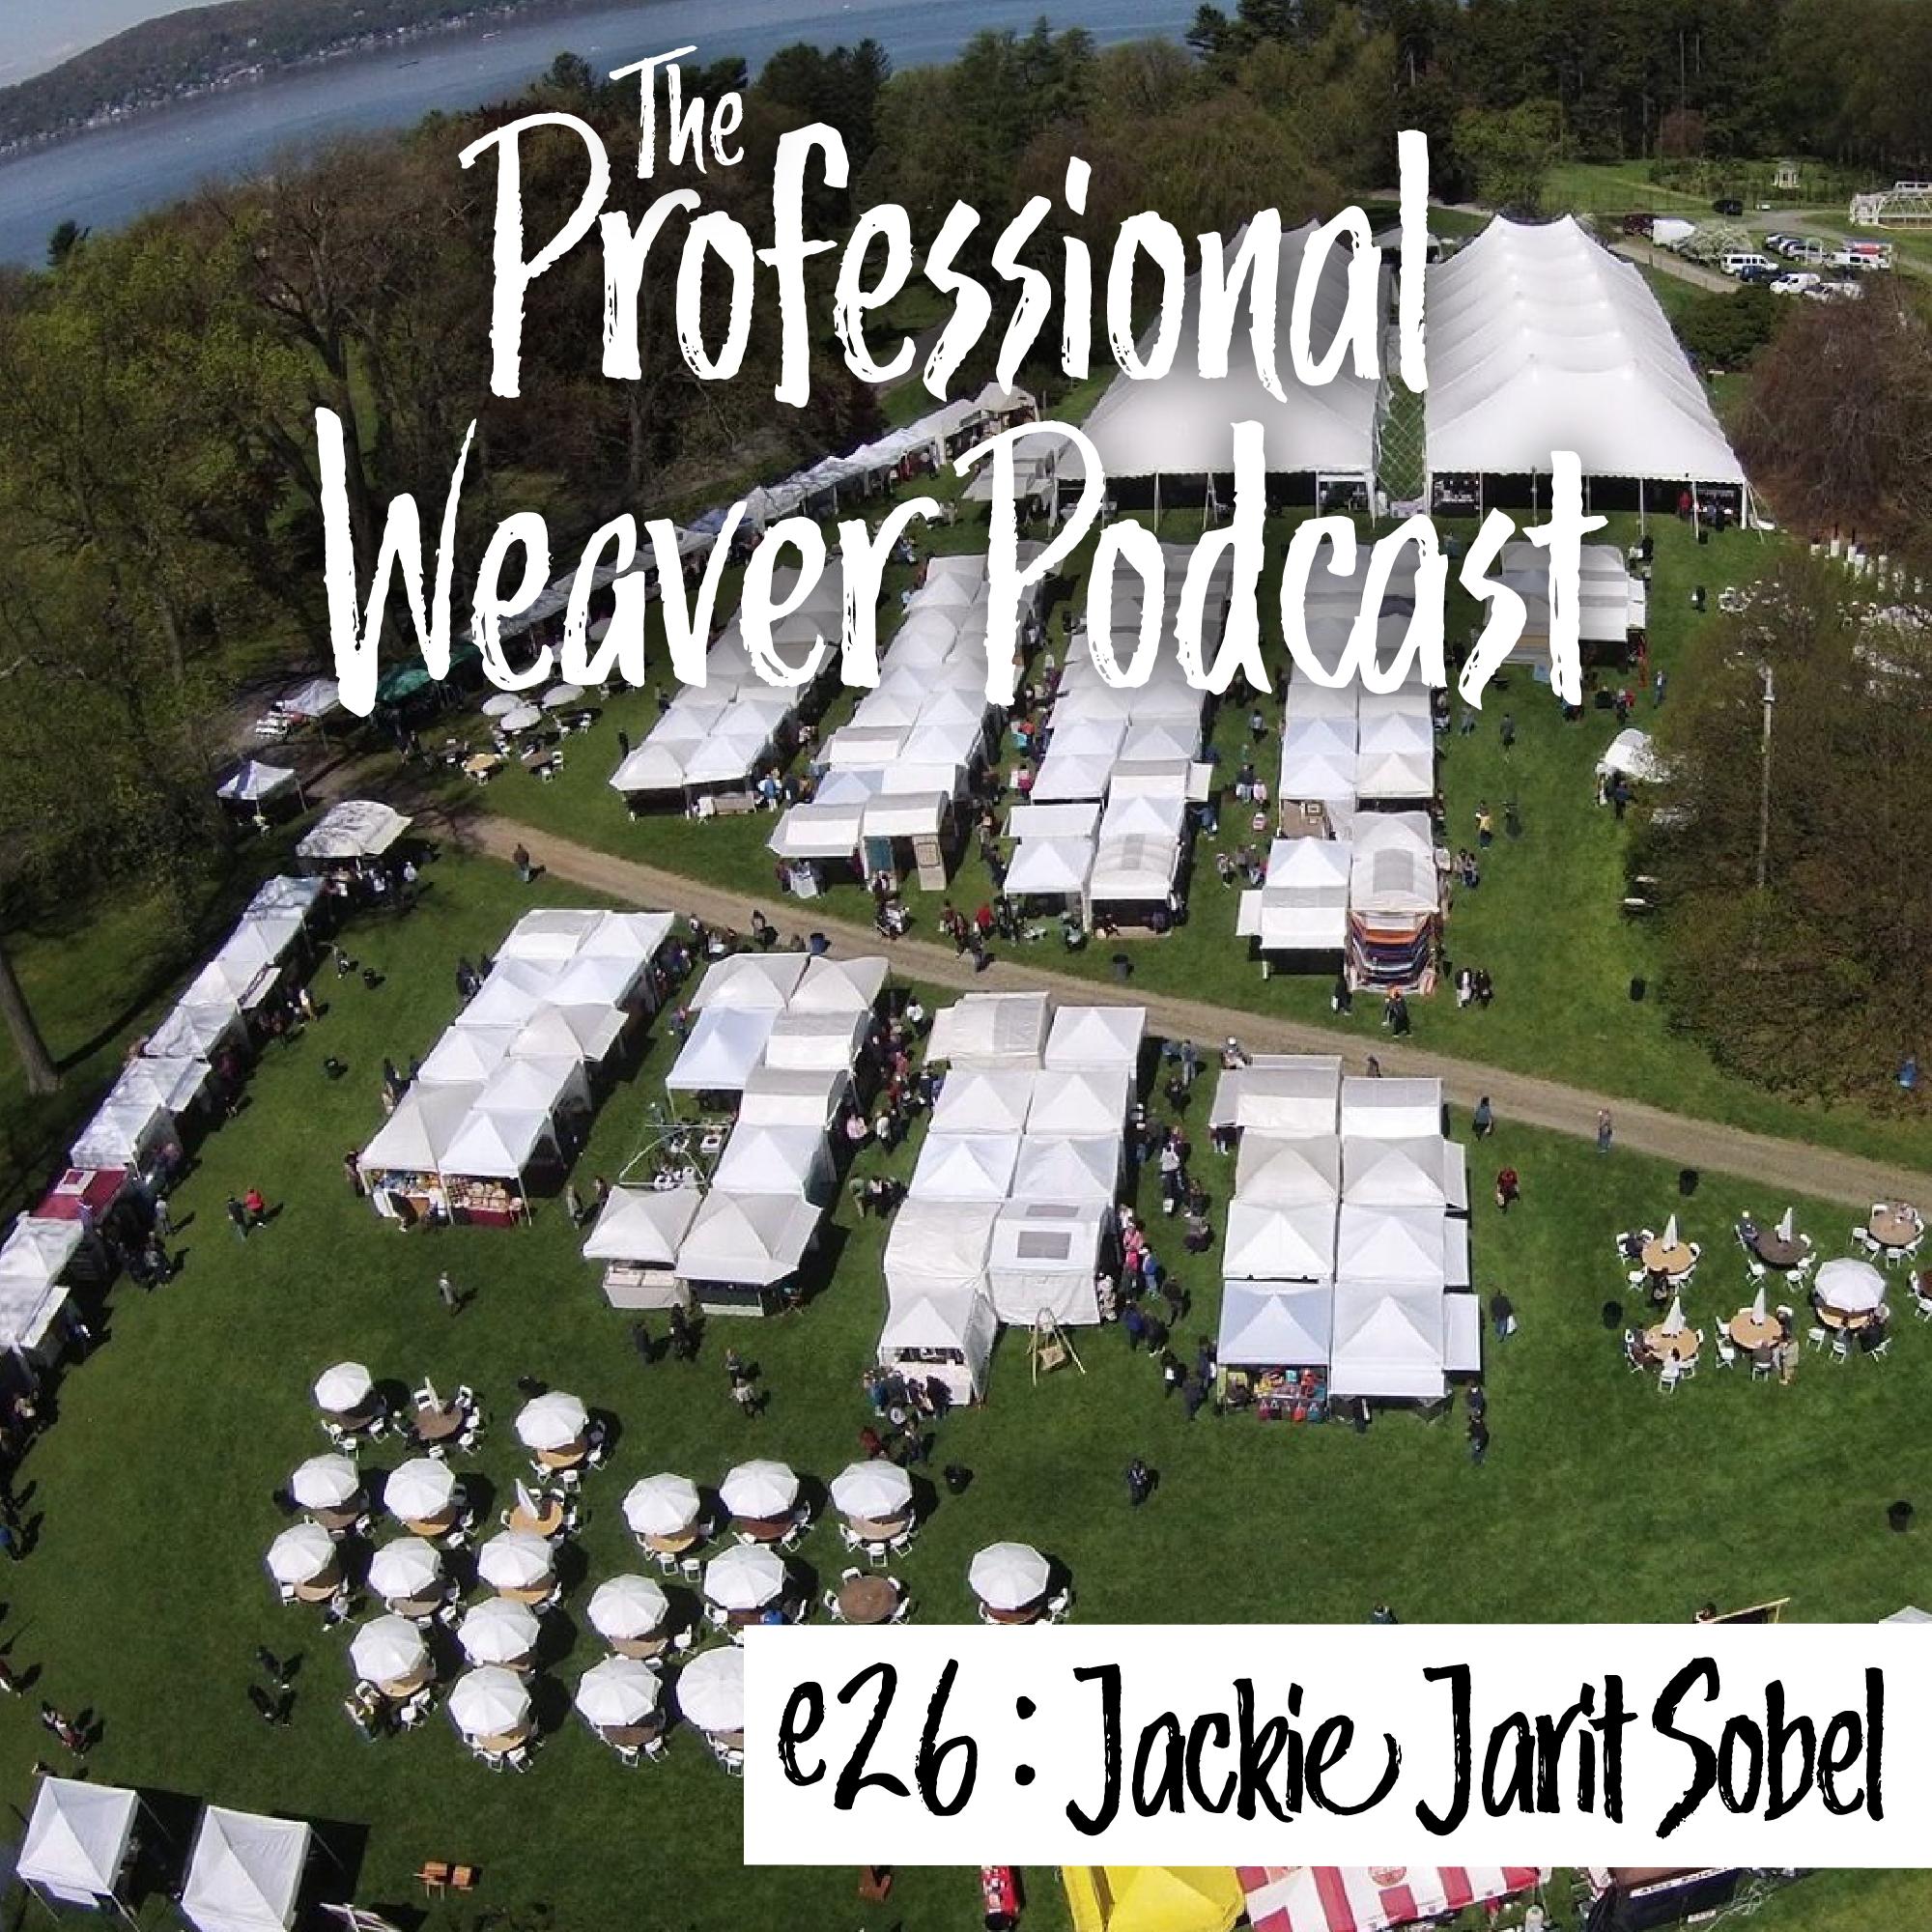 Pro Weaver Pod - Episode 26 - Jackie Jarit Sobel